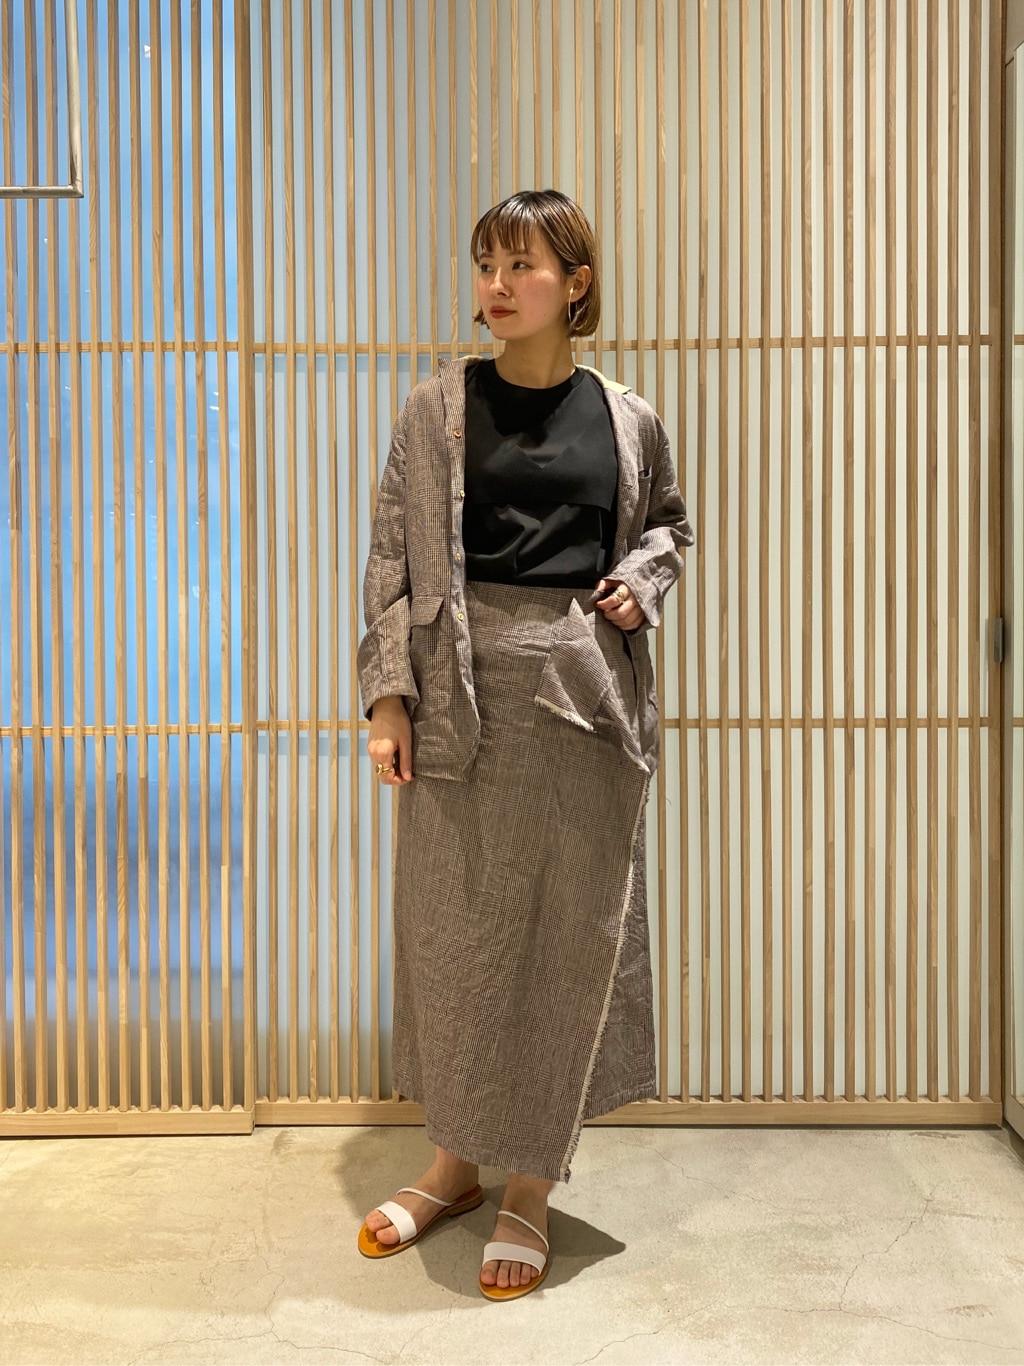 ルクア大阪 2020.04.09